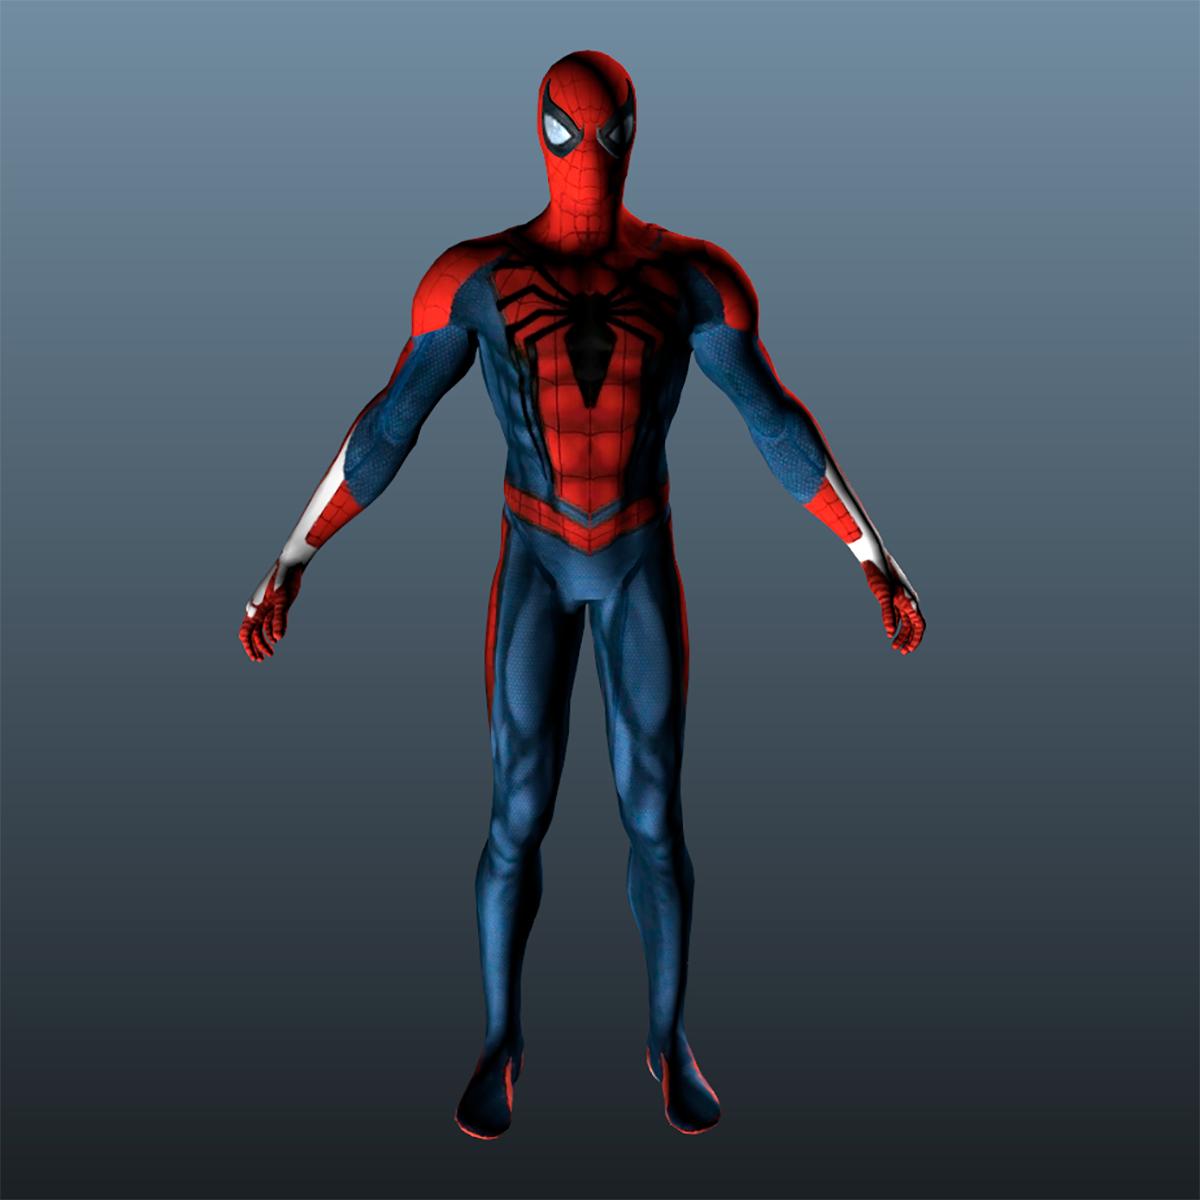 3d Man Spiderman Spider Turbosquid 1325791